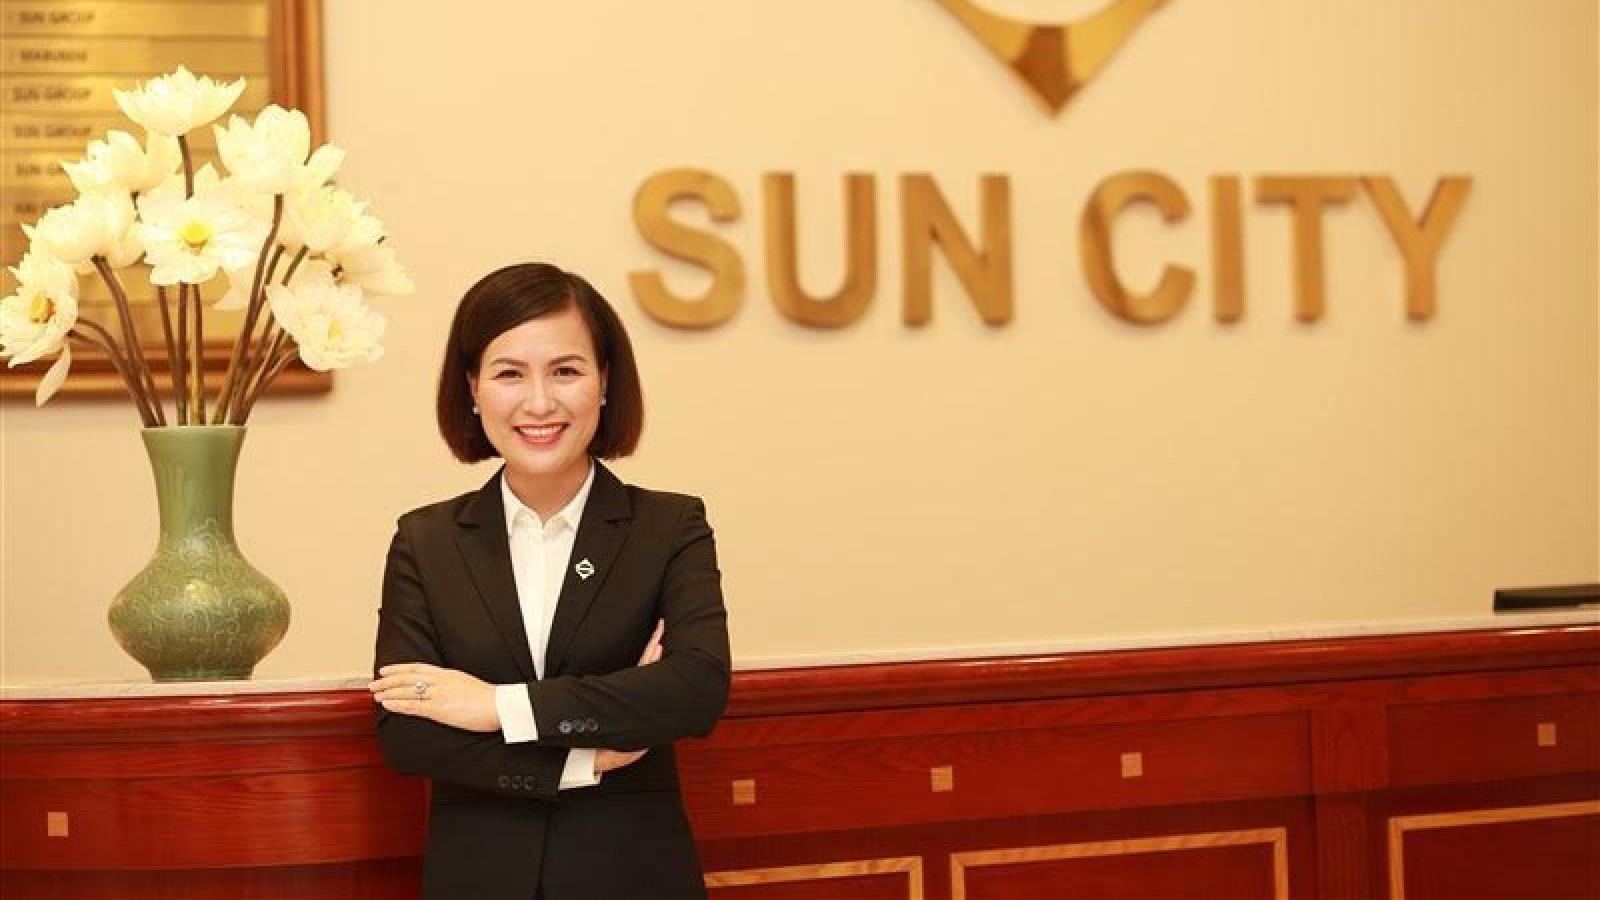 CEO Sun Group kỳ vọng chiến dịch kích cầu du lịch sẽ tạo hiệu ứng tốt